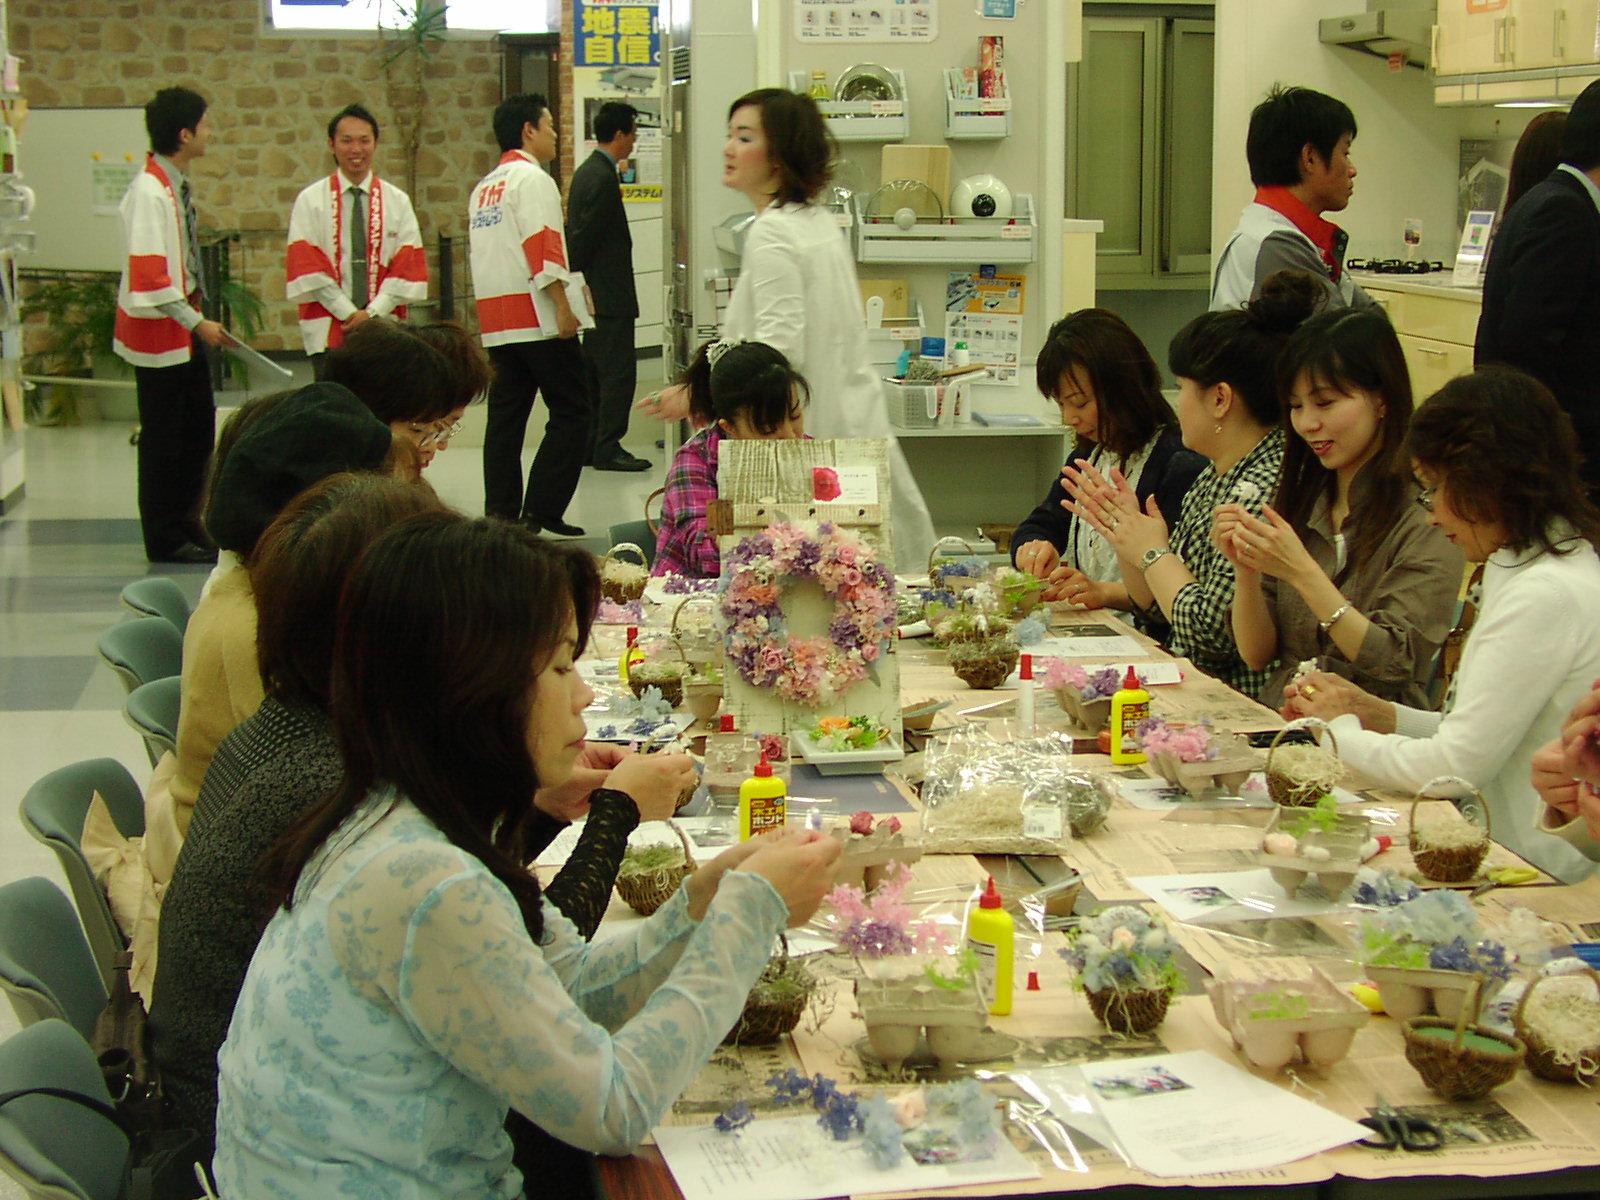 http://www.hirayama-k.com/blog/items/2012/09/21/P1010002.JPG